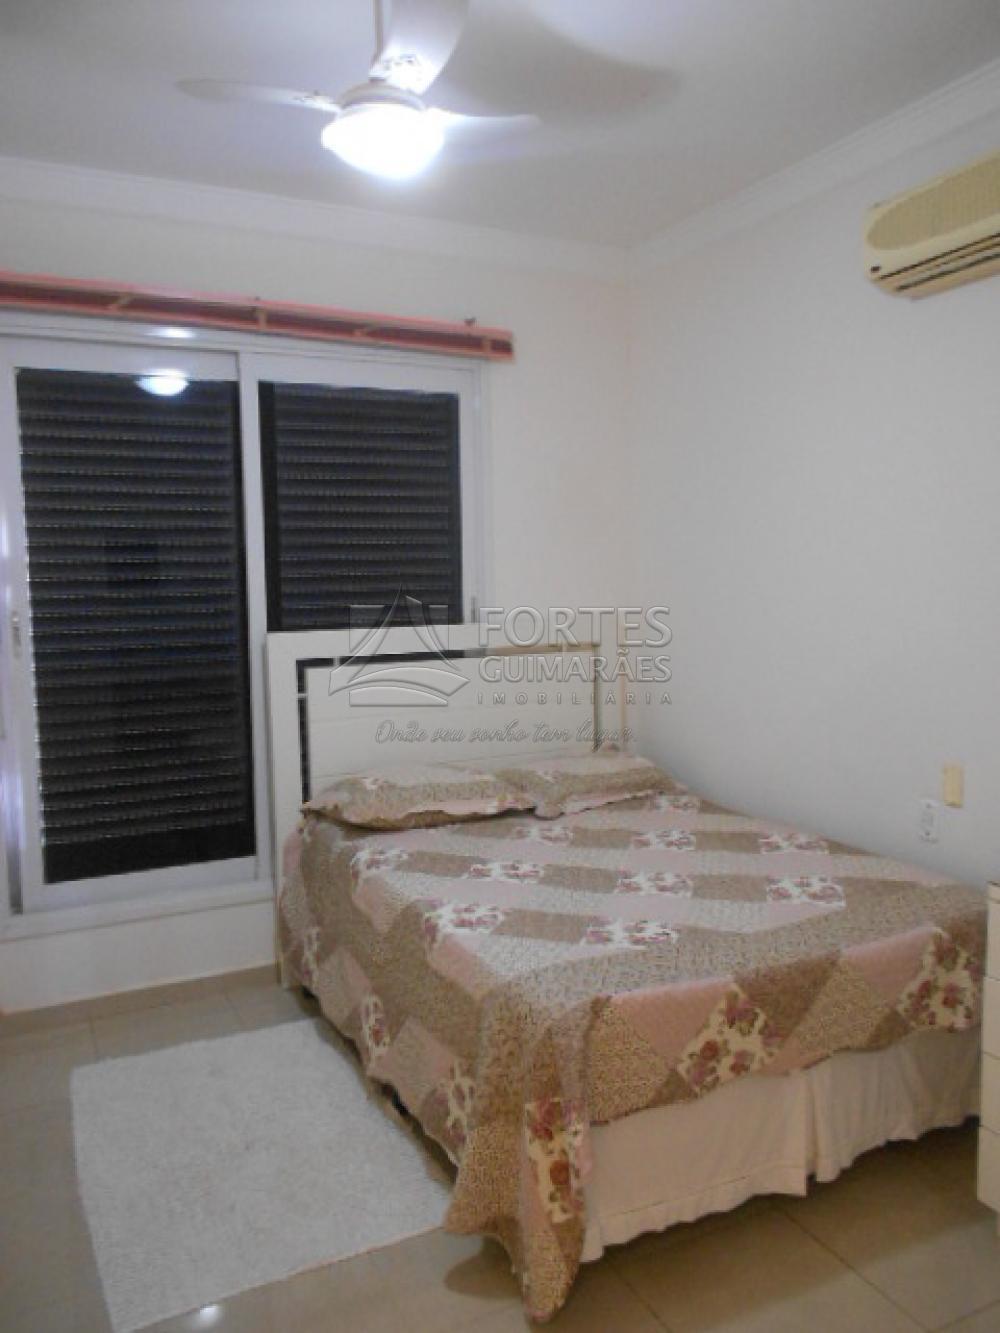 Alugar Apartamentos / Padrão em Ribeirão Preto apenas R$ 5.000,00 - Foto 32